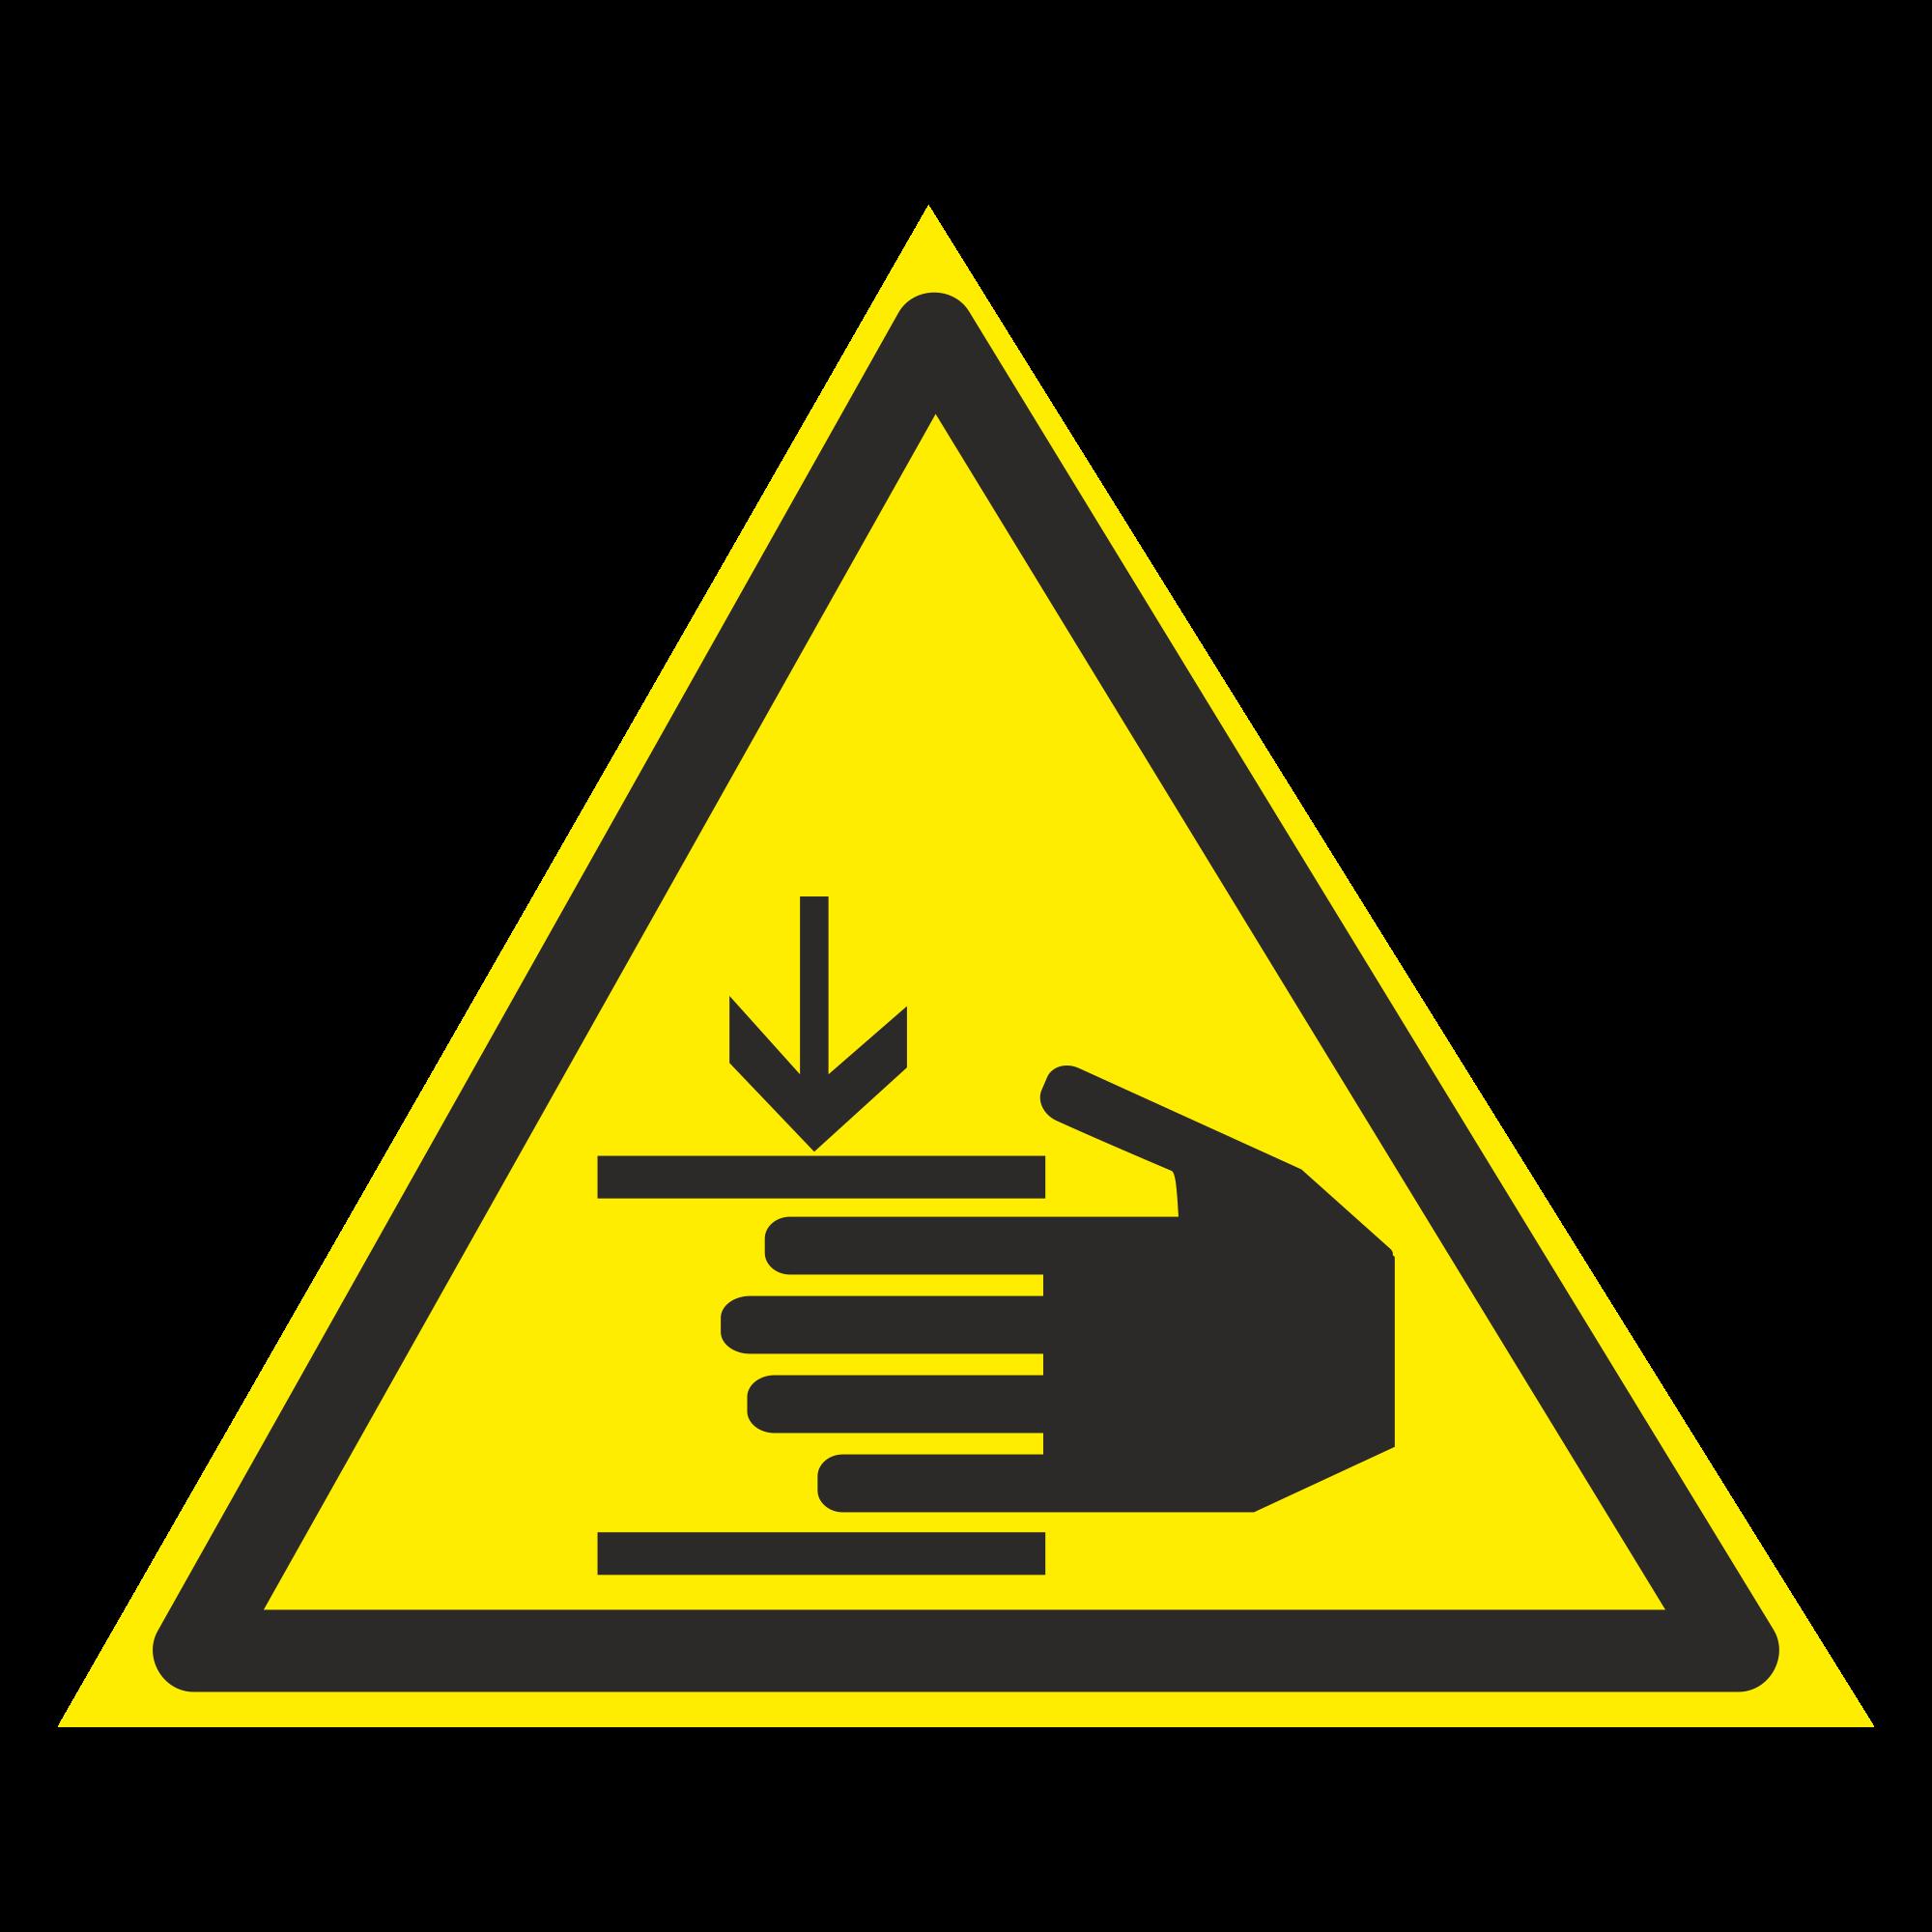 W27 Осторожно. Возможно травмирование рук